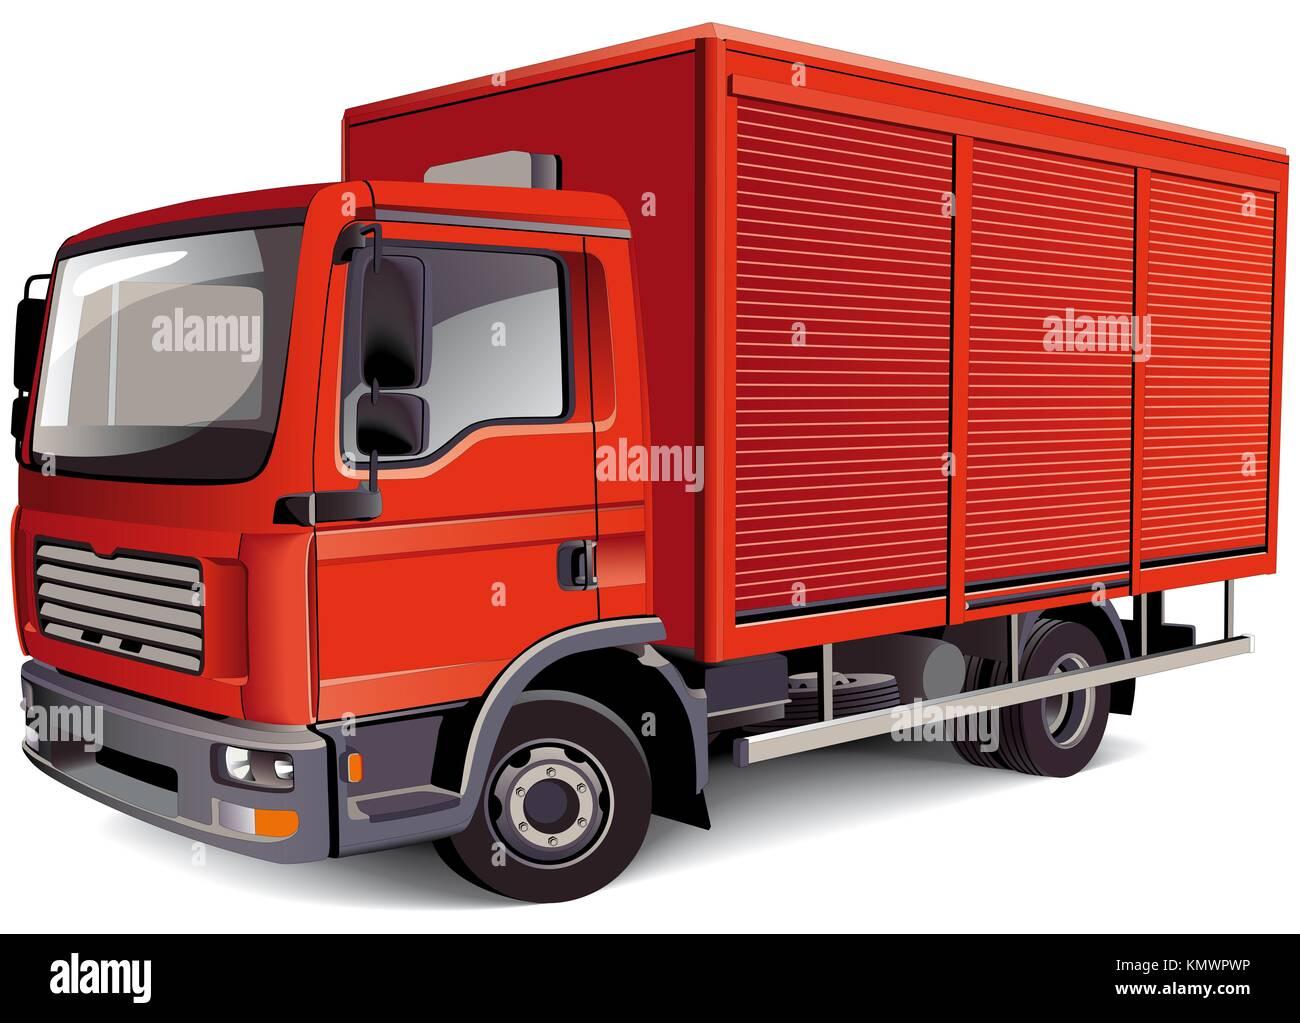 Detaillierte vektorielle Bild der roten Van, auf weißem Hintergrund enthält Steigungen und Mischungen Stockfoto